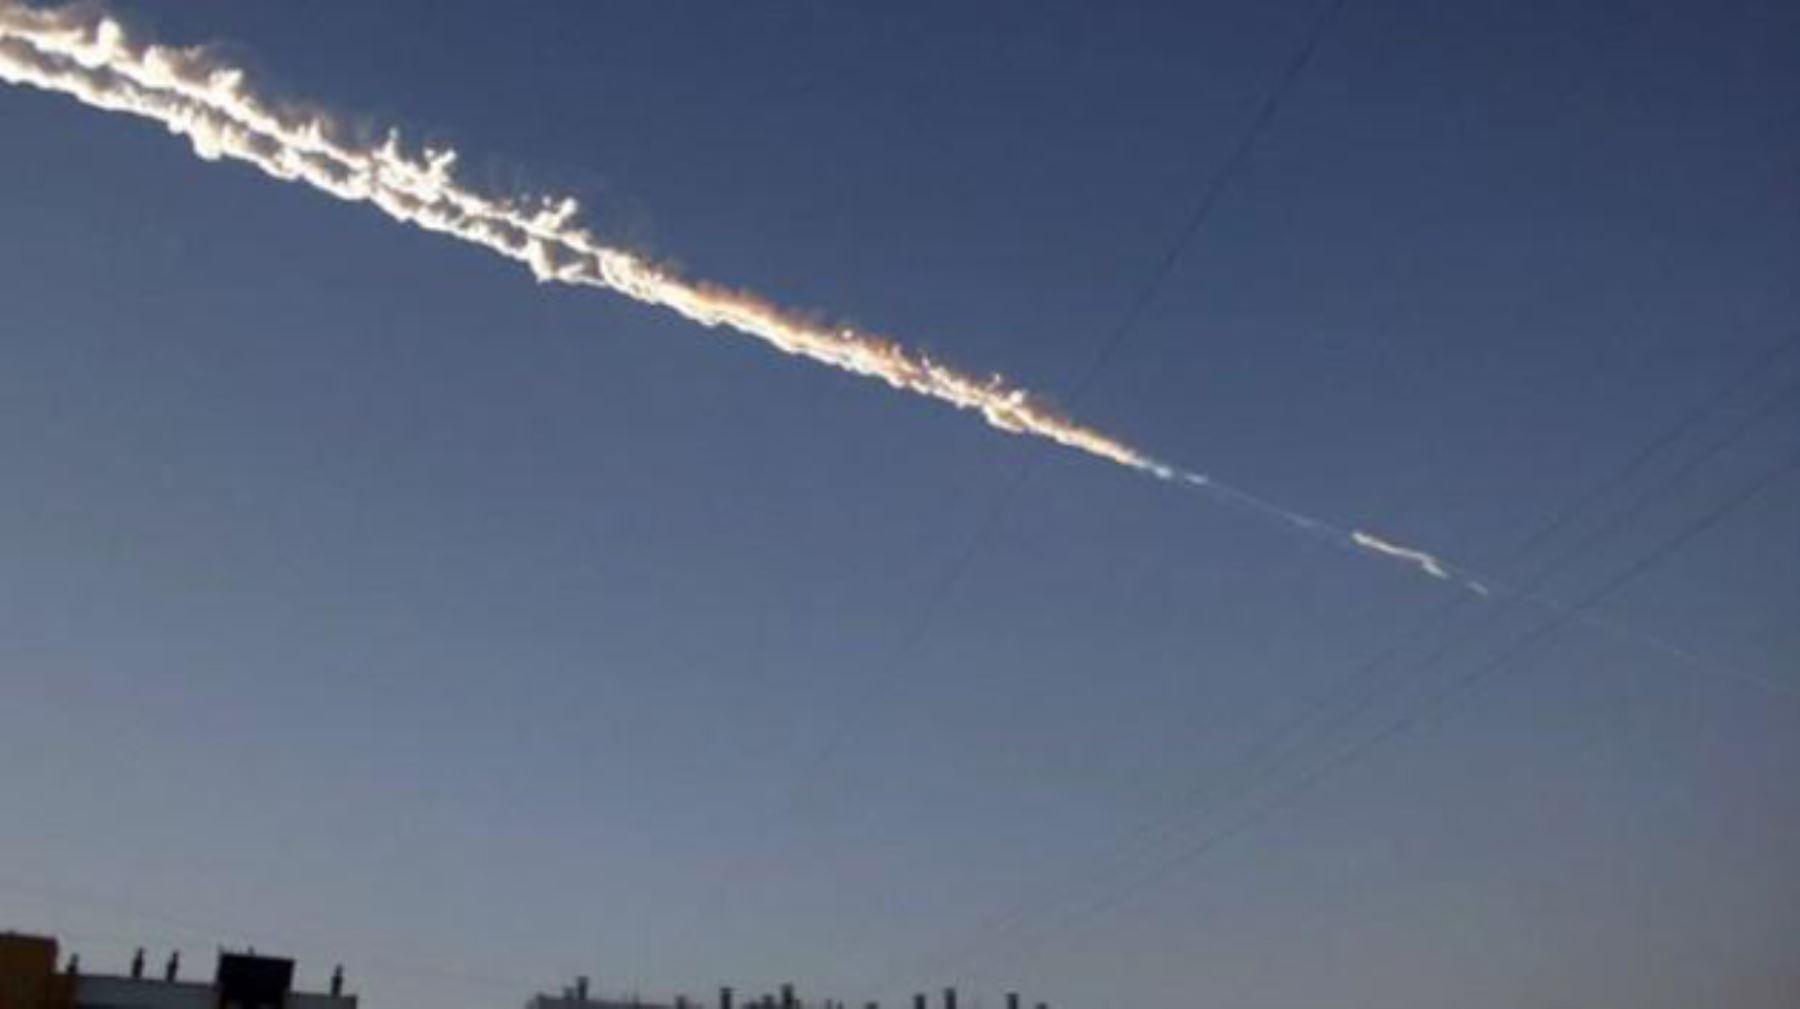 Científicos confirman que un meteorito se estrelló contra un edificio en Japón